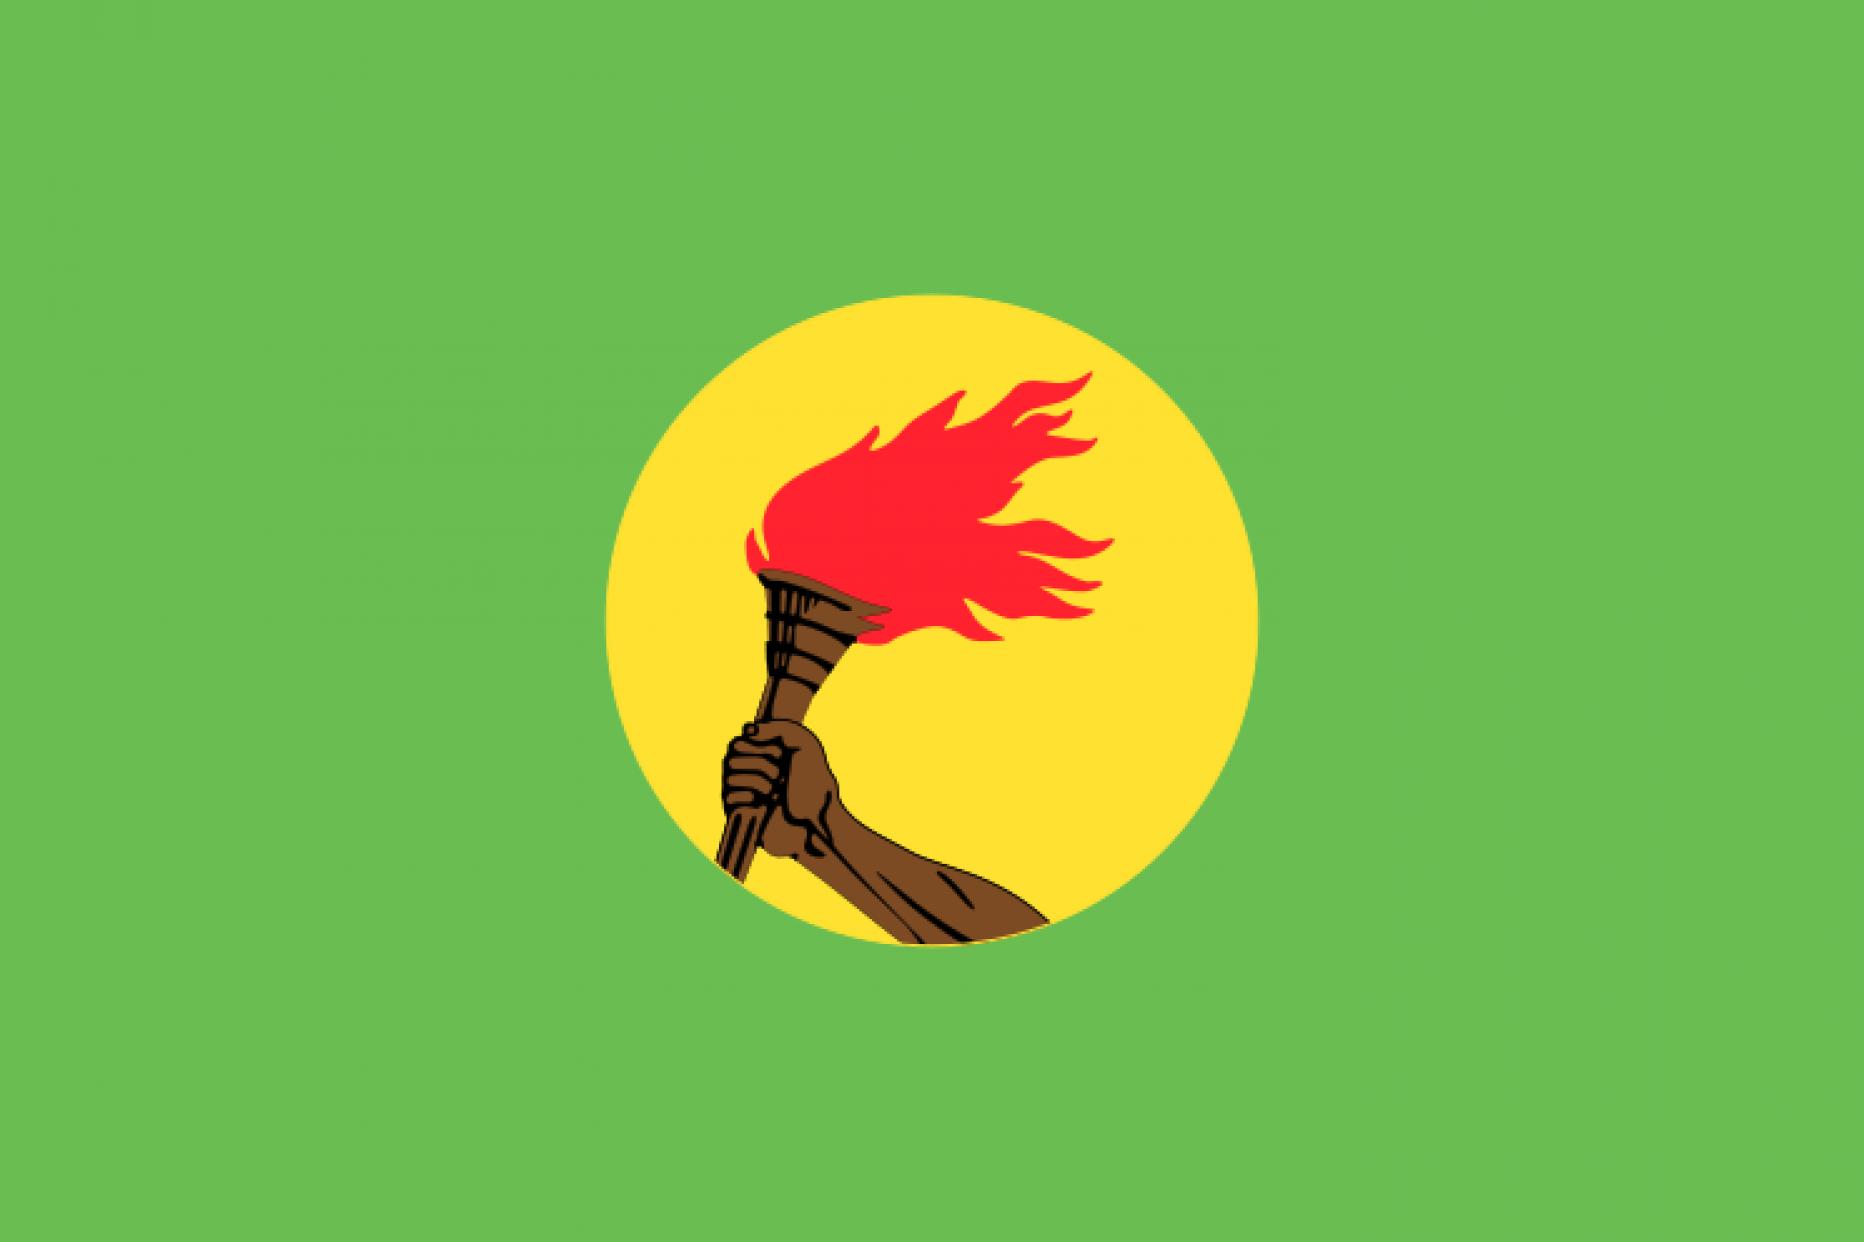 Ambassade de la République démocratique du Zaïre